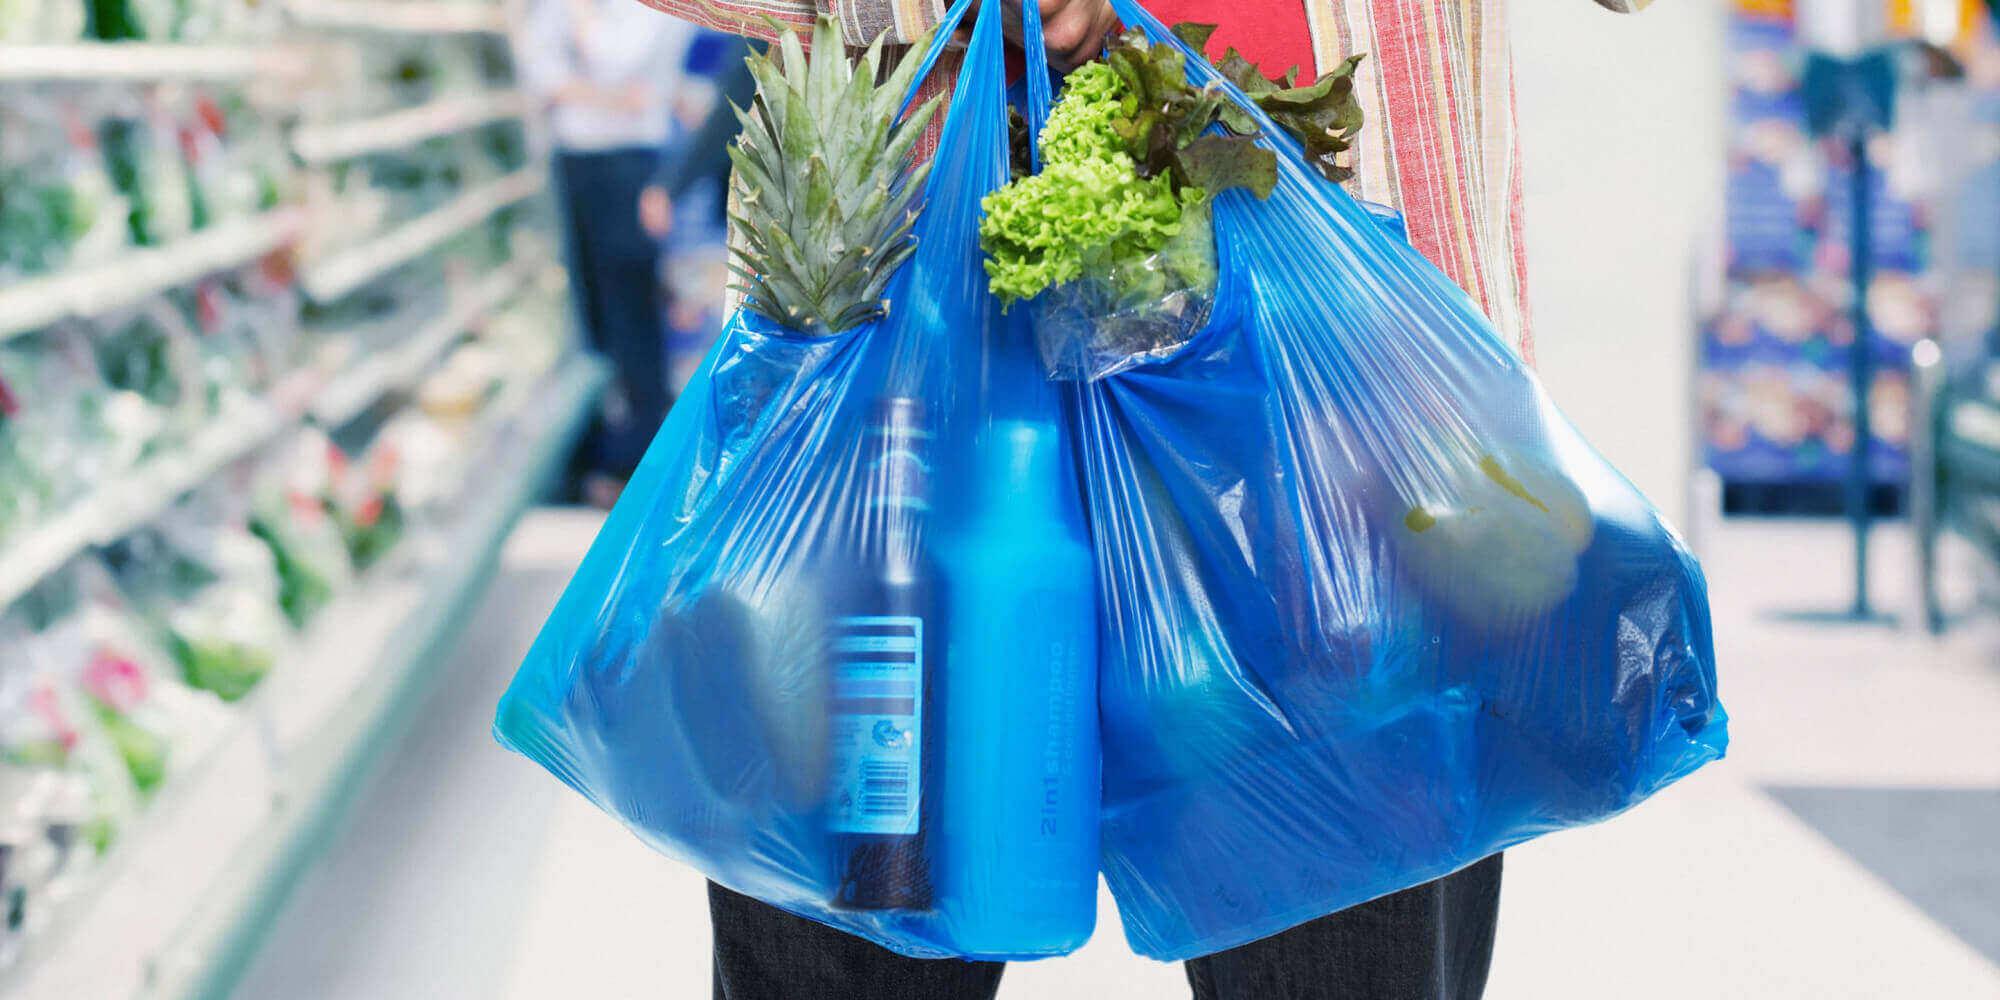 «Ашан» перестал выдавать бесплатные пластиковые пакеты